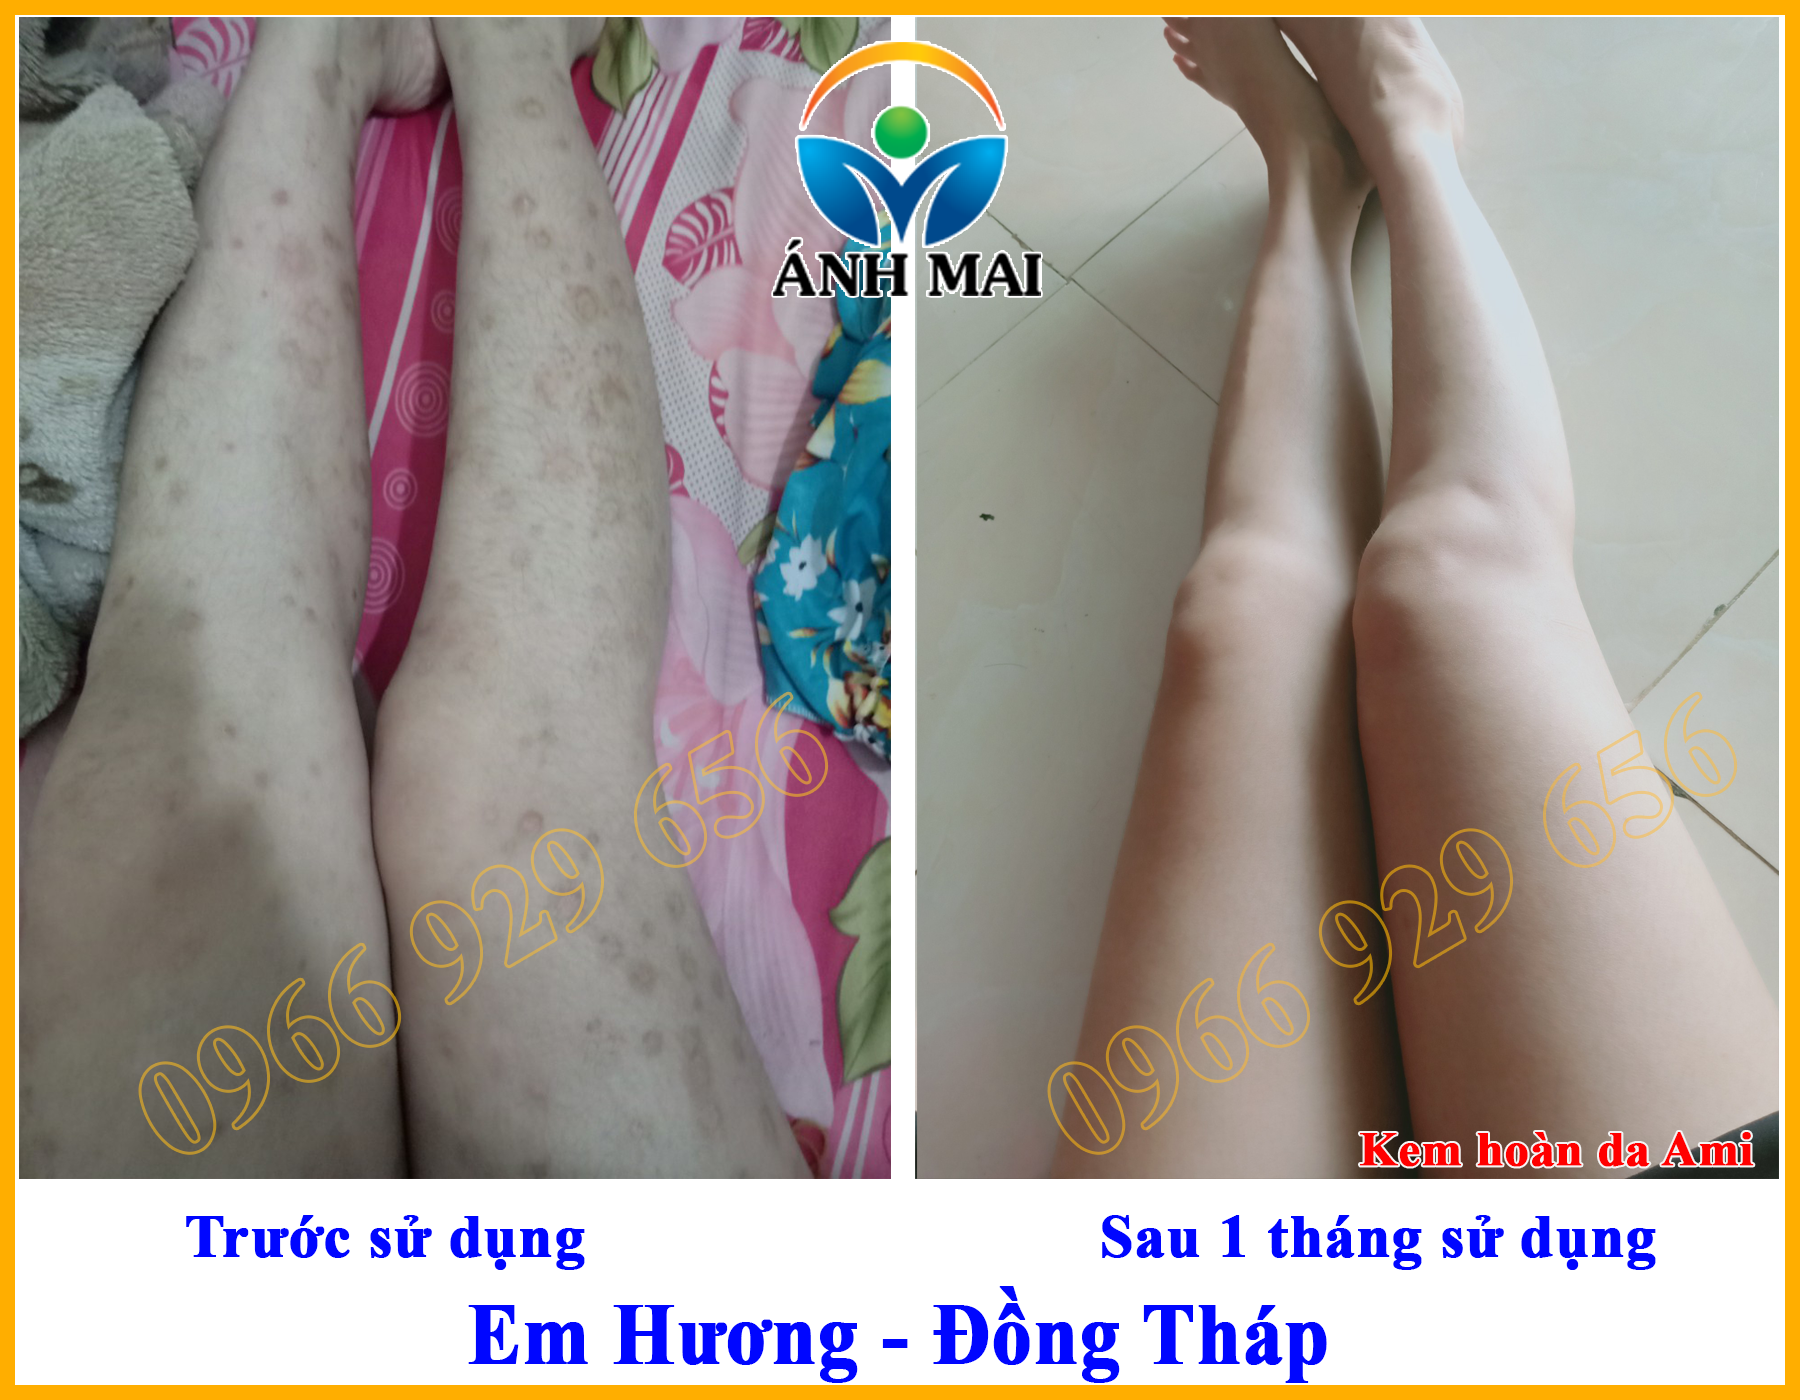 Hình ảnh trước và sau khi sử dụng Kem hoàn da Ami của em Hương, Đồng Tháp